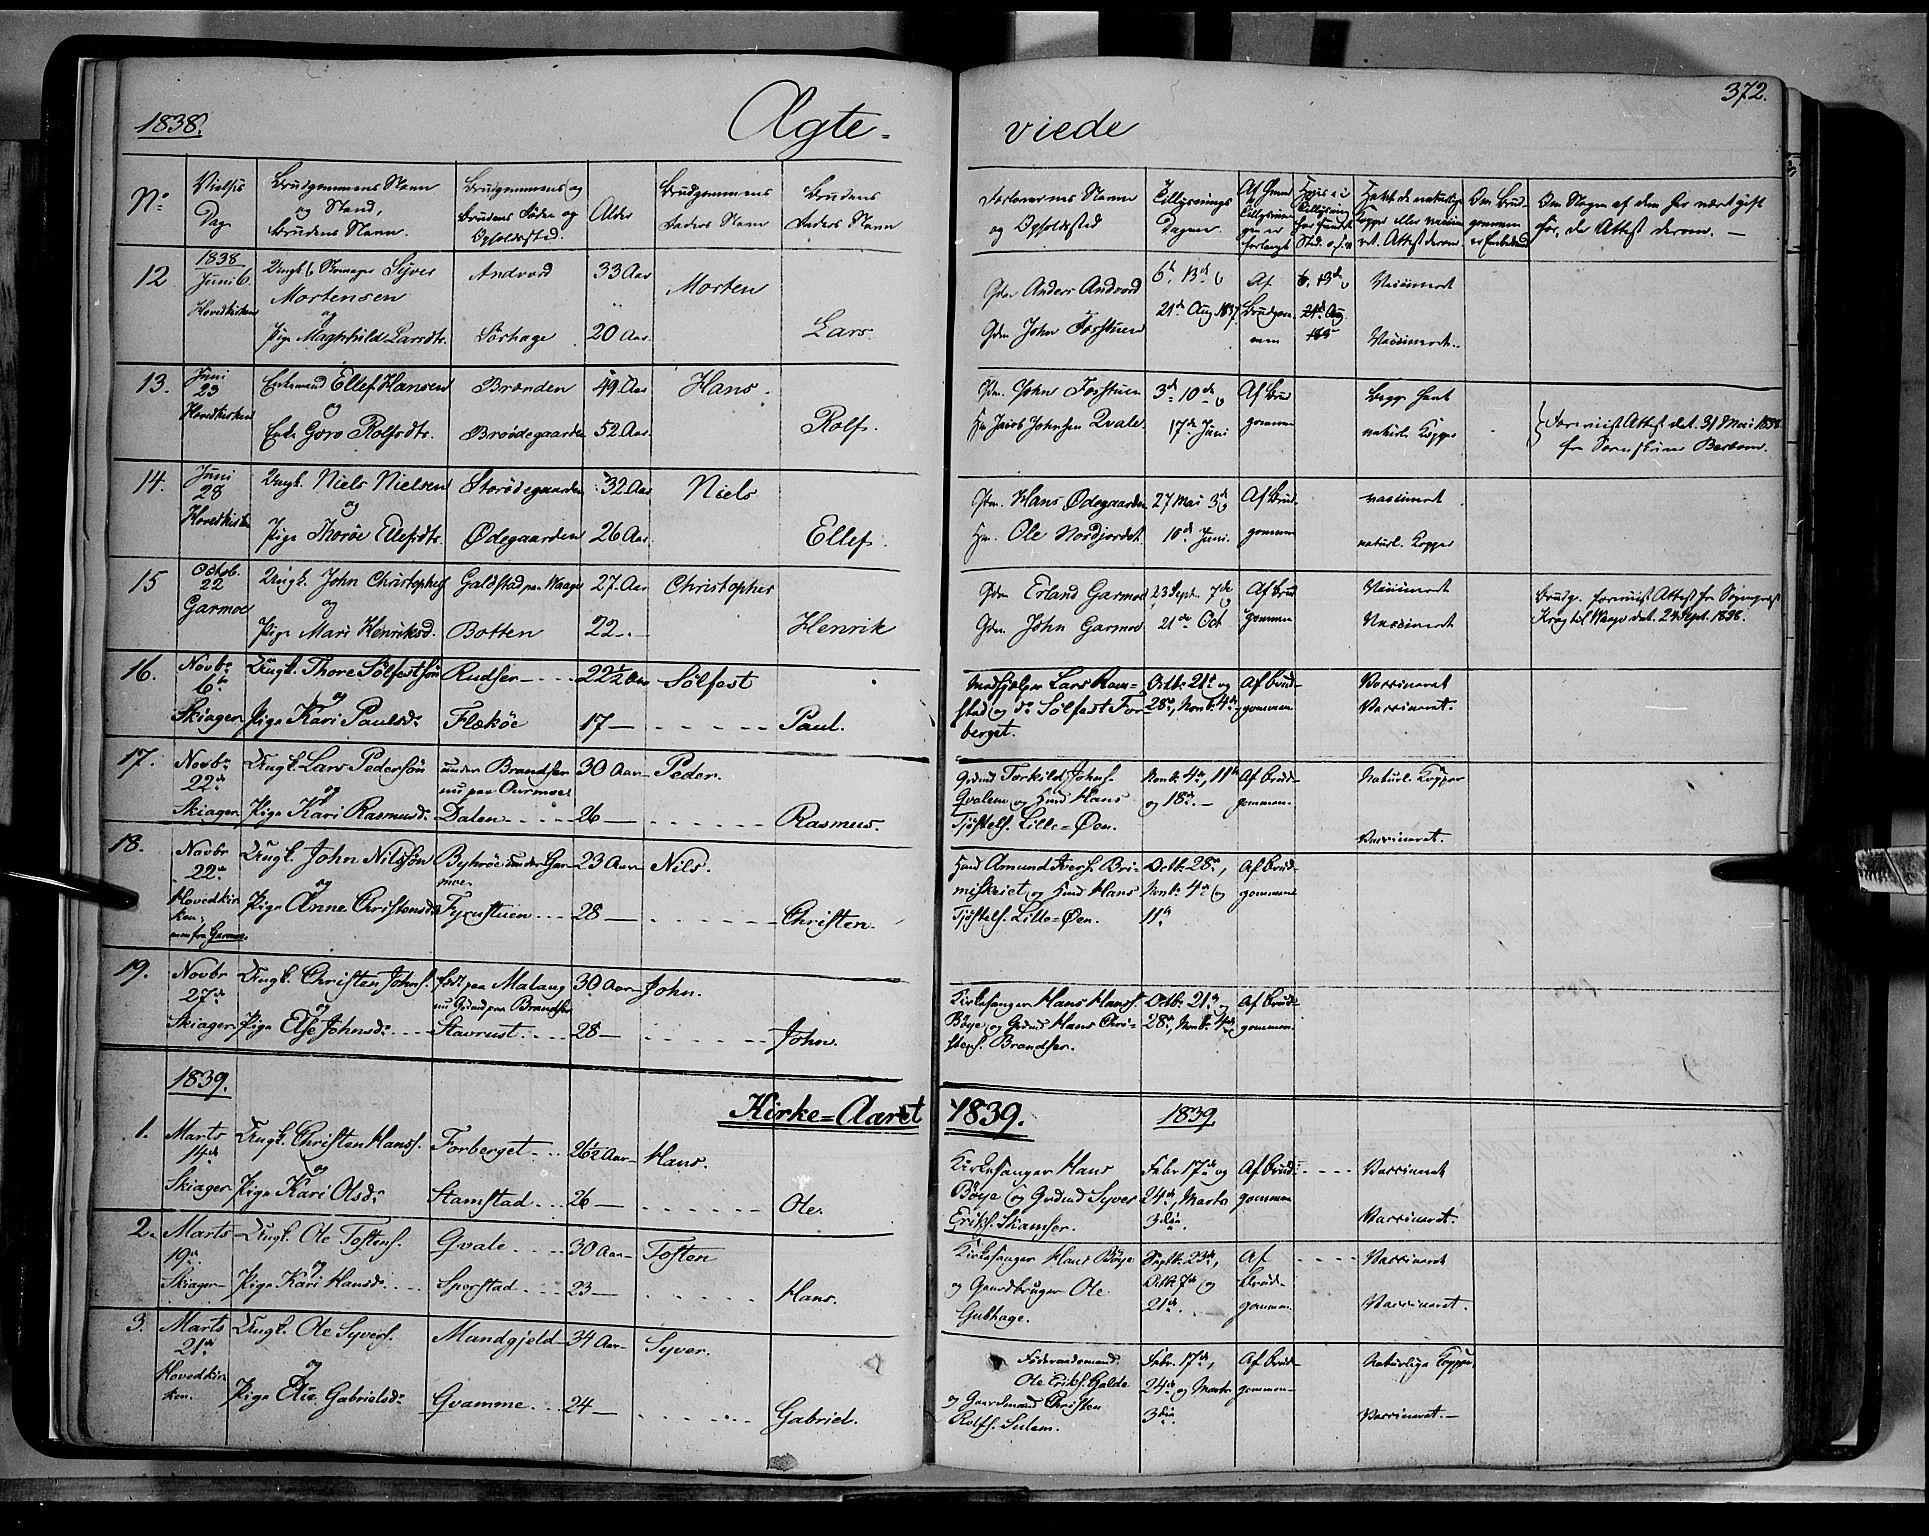 SAH, Lom prestekontor, K/L0006: Ministerialbok nr. 6B, 1837-1863, s. 372